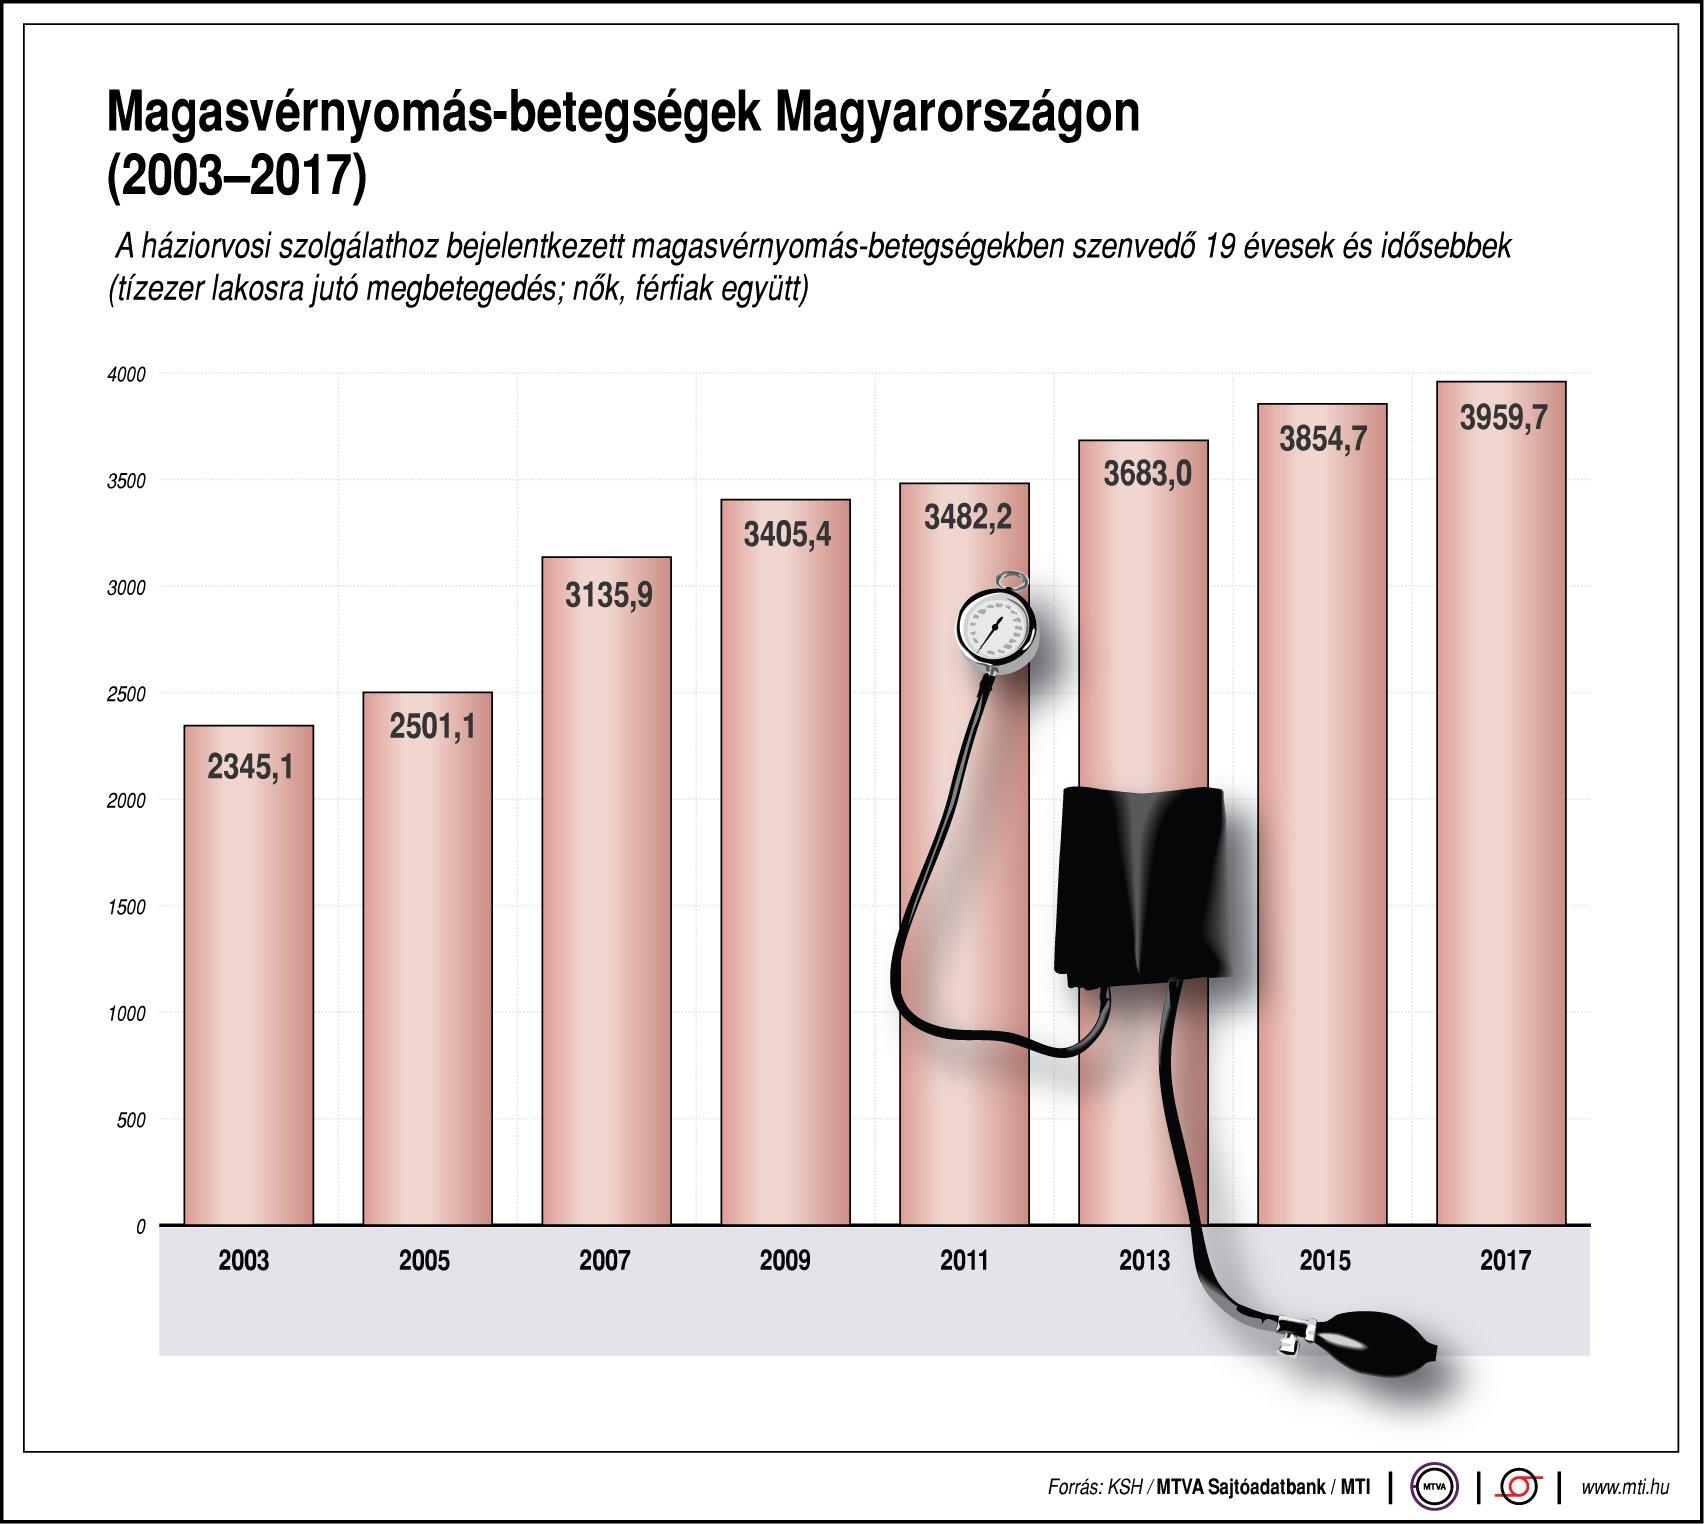 magas vérnyomás nyomás adatai)